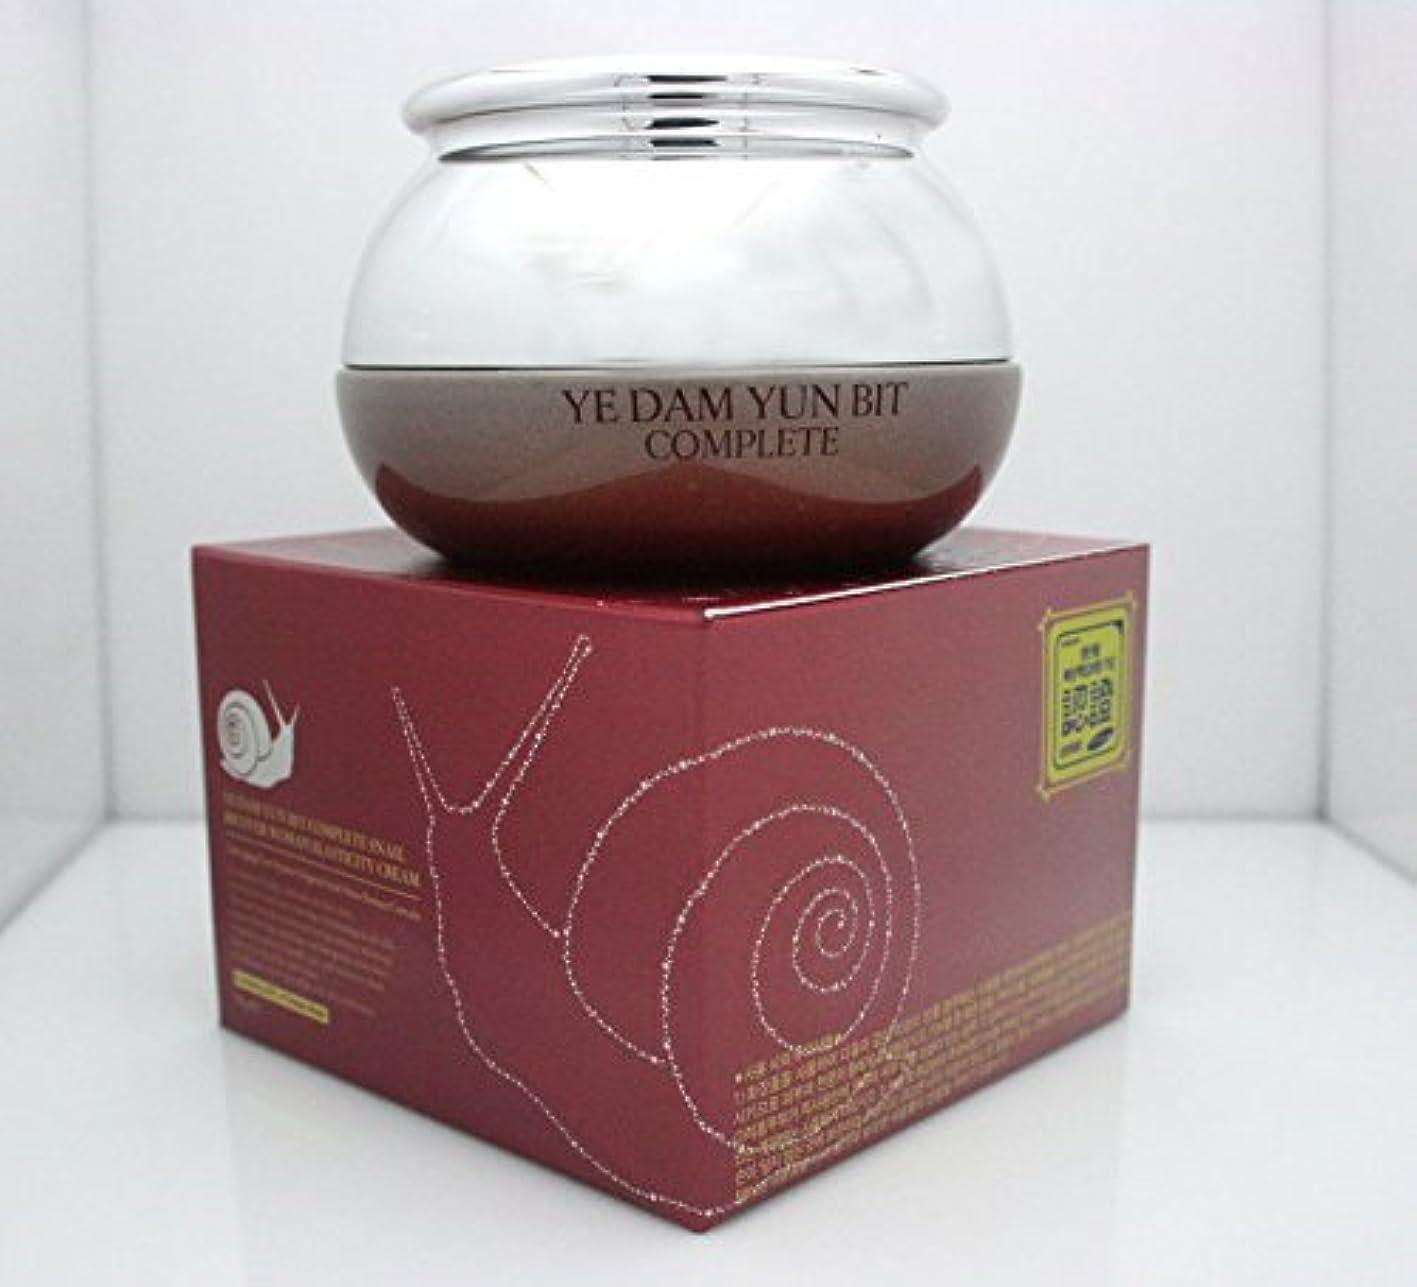 いつか背骨気を散らす[YEDAM YUNBIT] 完全なカタツムリ?リフト?リフティング?クリーム50g/韓国化粧品/Complete Snail Recover Lifting Cream 50g/Korean cosmetics [並行輸入品]